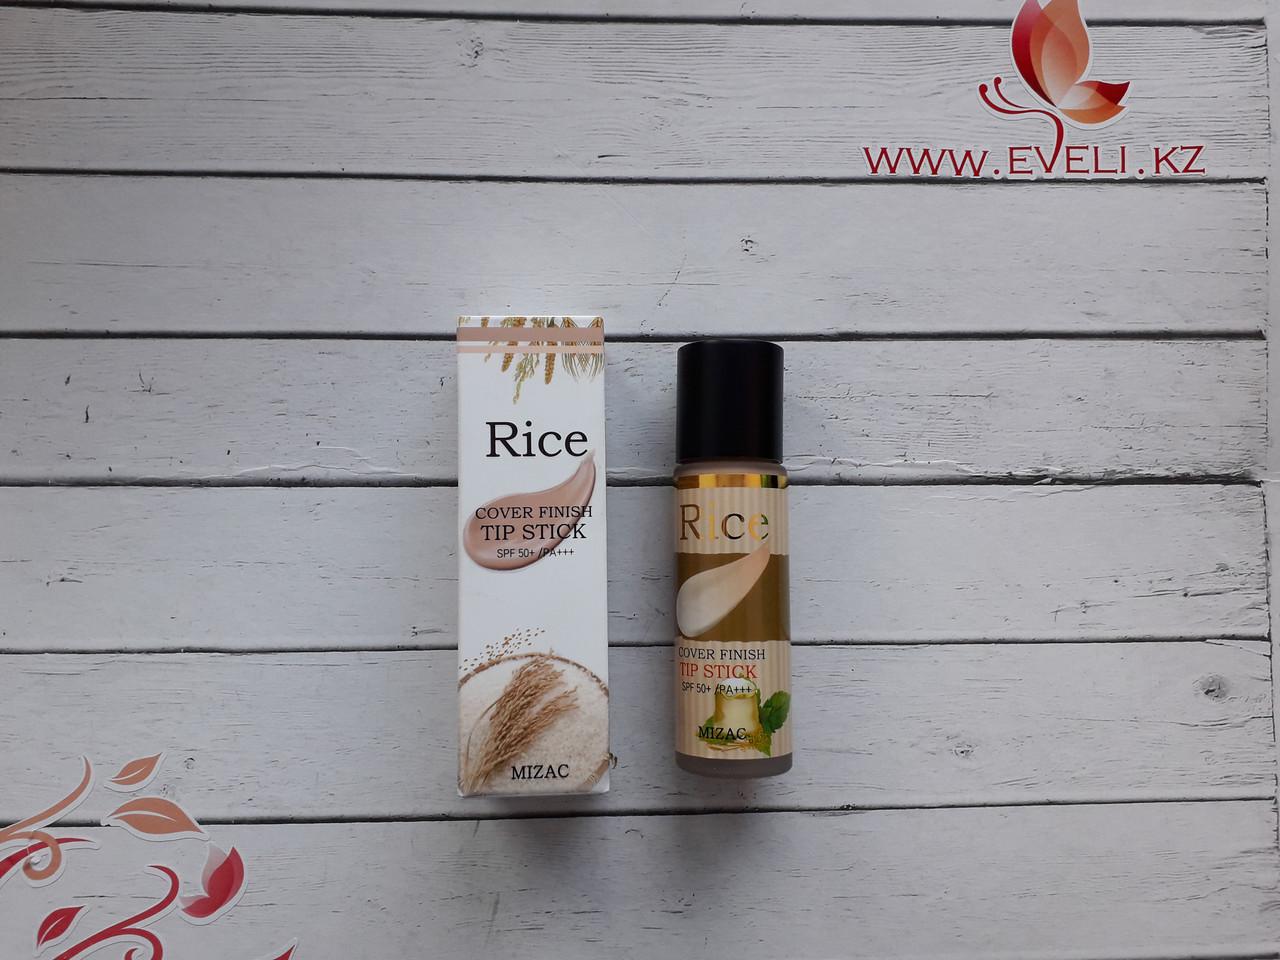 Тональный крем/ Rice cover finish tip stick